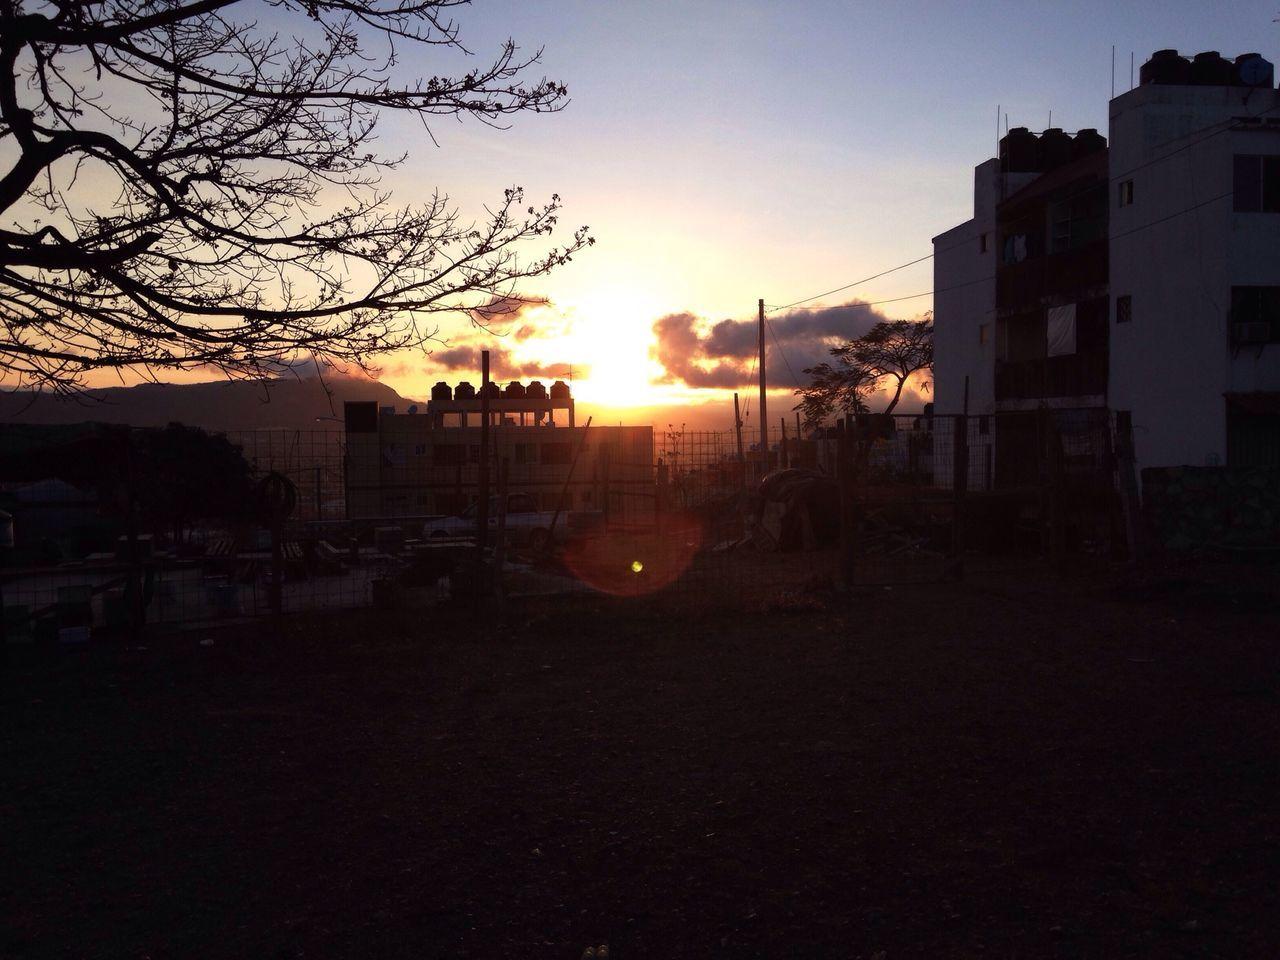 """""""Salto de la antena al tinaco y meto dentro de 1 saco toda mi pena..."""" ::La Lengua:: Streetphotography IPhoneography Urban@ndante"""